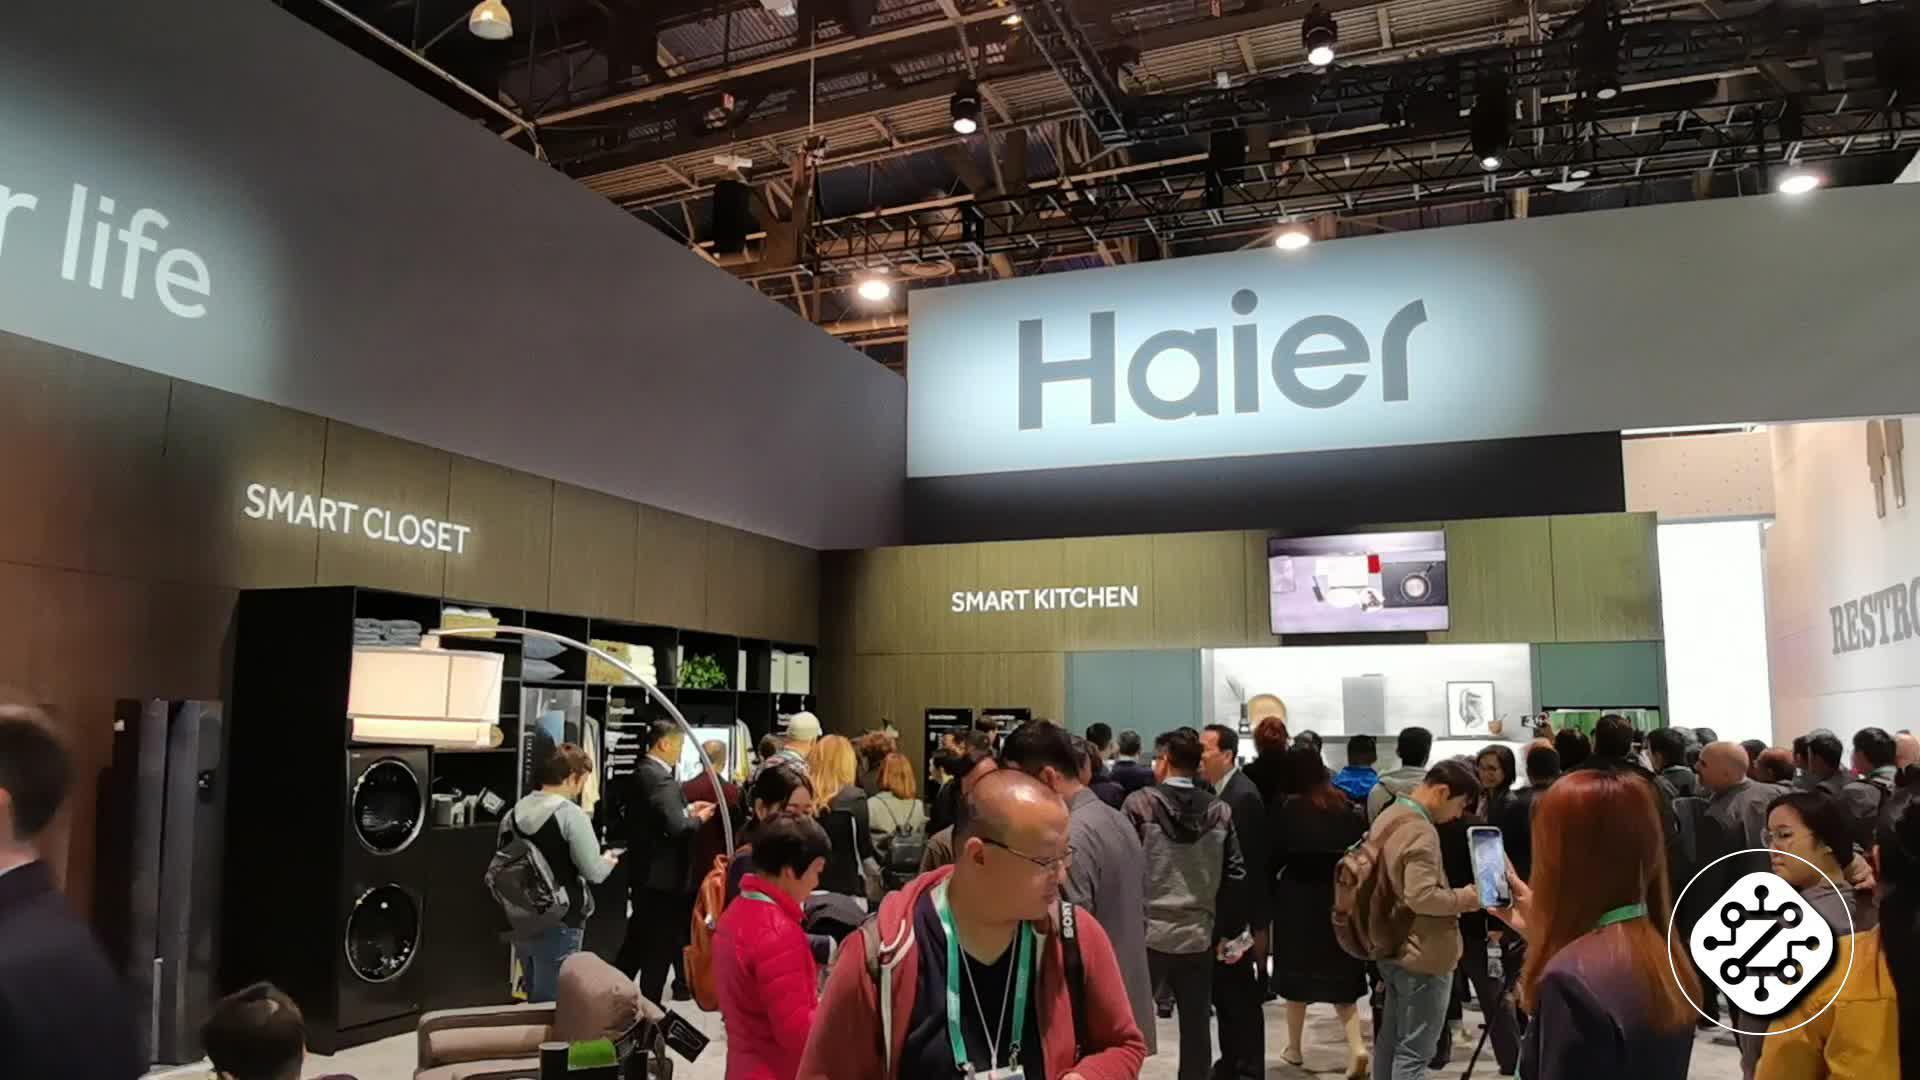 海尔亮相CES 2020 智慧家庭解决方案吸引众多商家观众体验